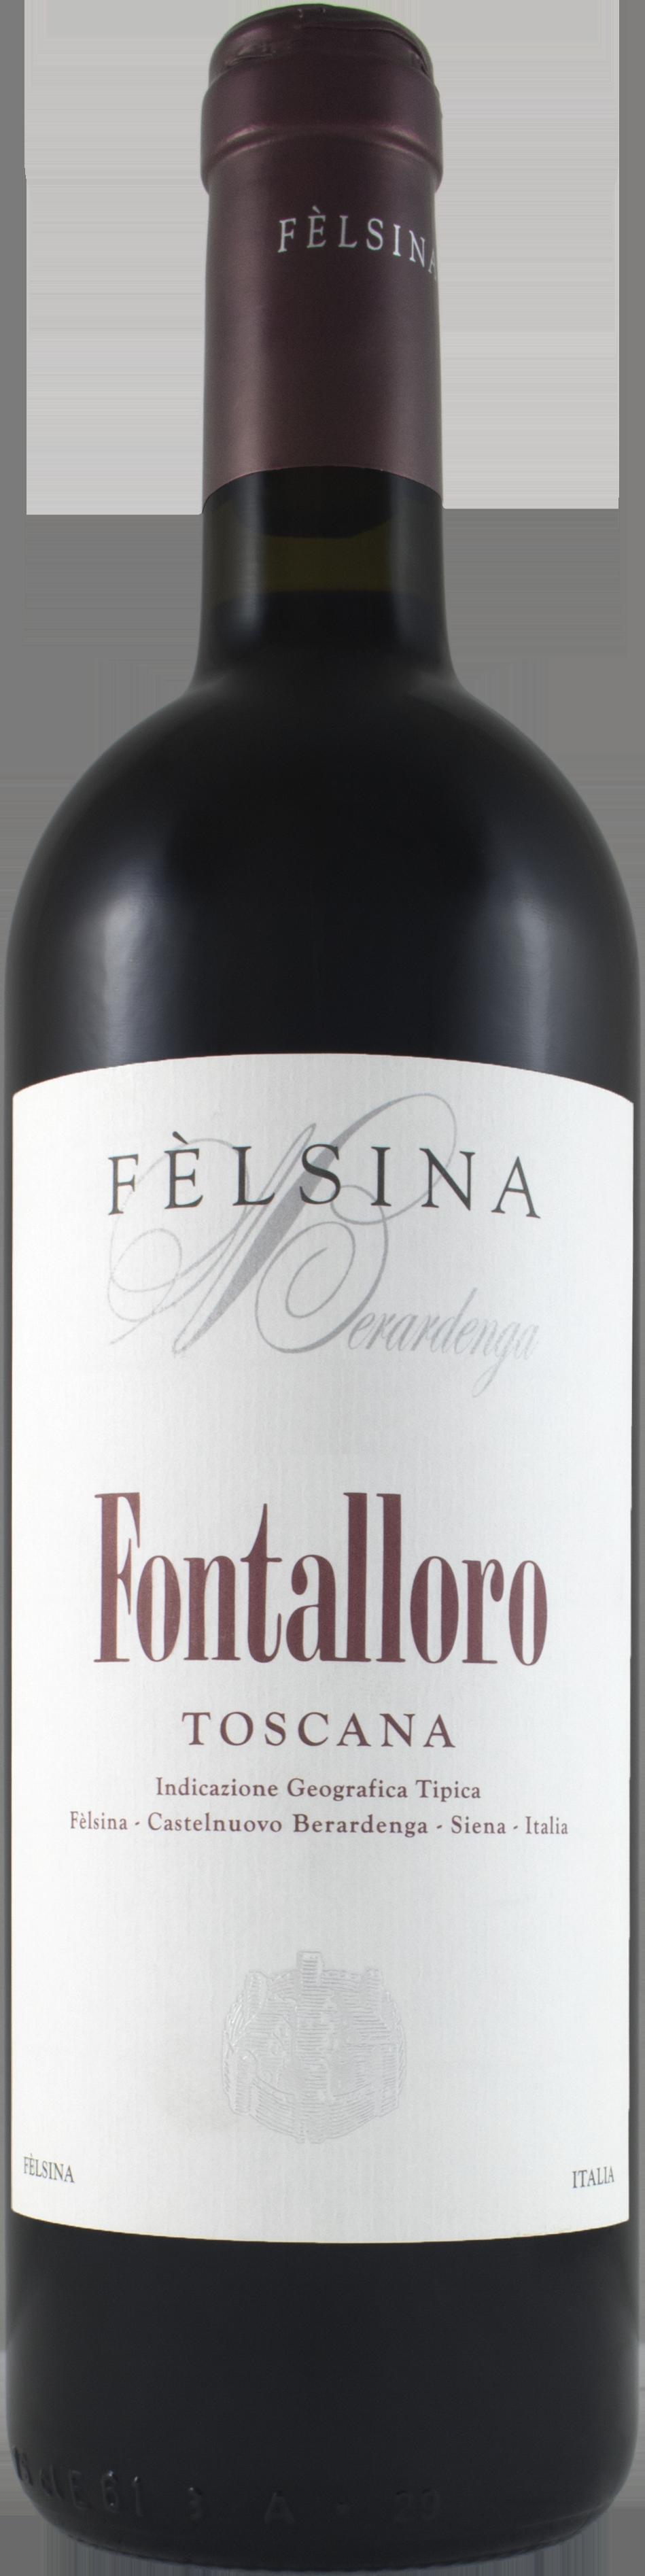 2016 Felsina Fontalloro